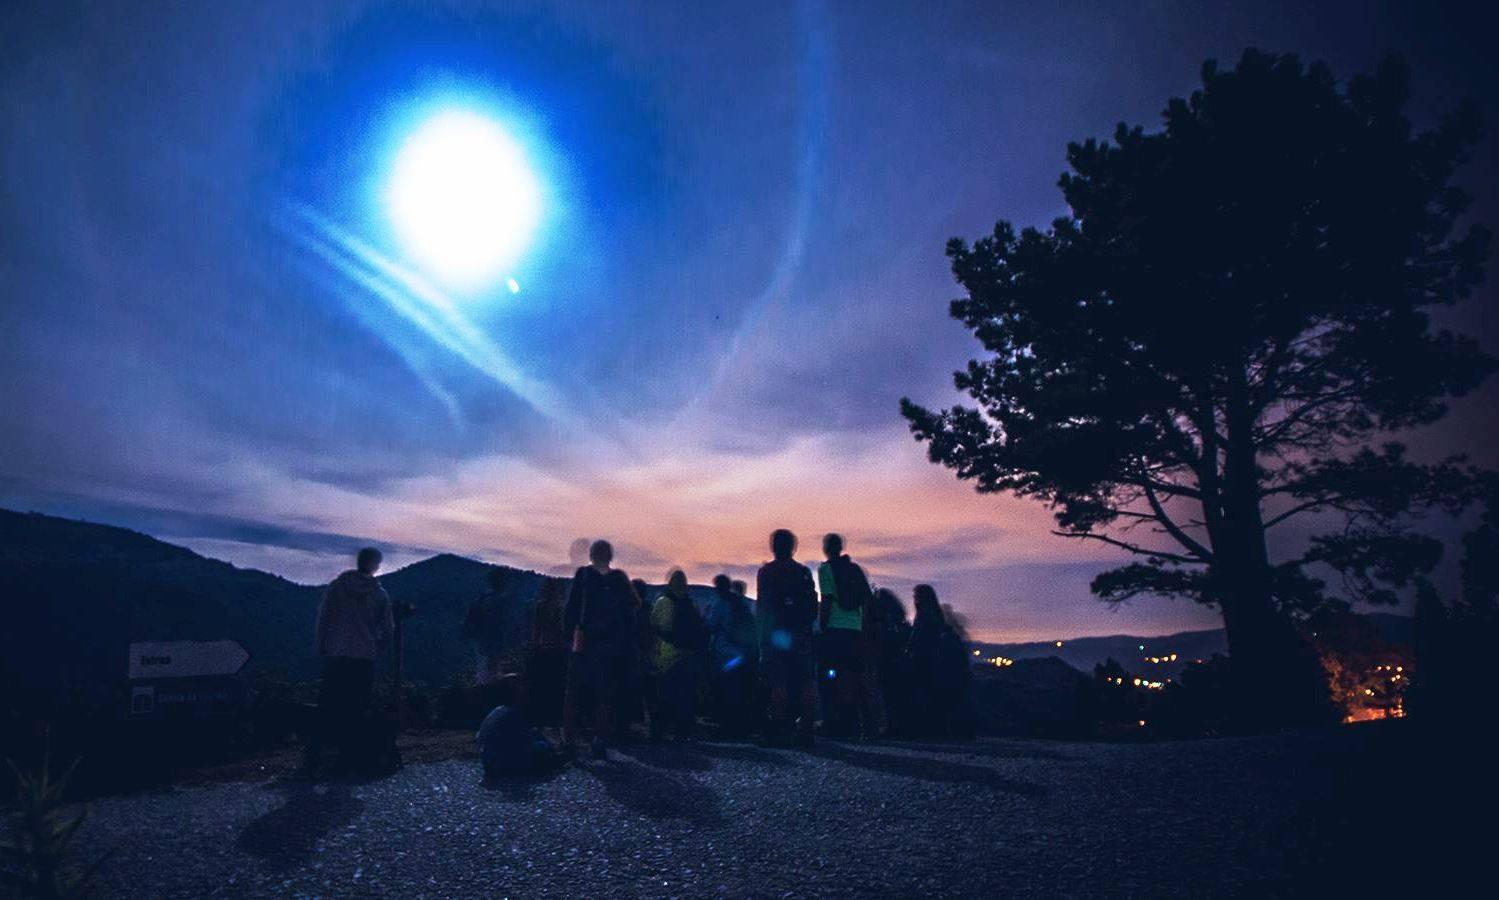 Observatório para olhar estrelas no céu da Peneda-Gerês criado até final do ano em Arcos de Valdevez